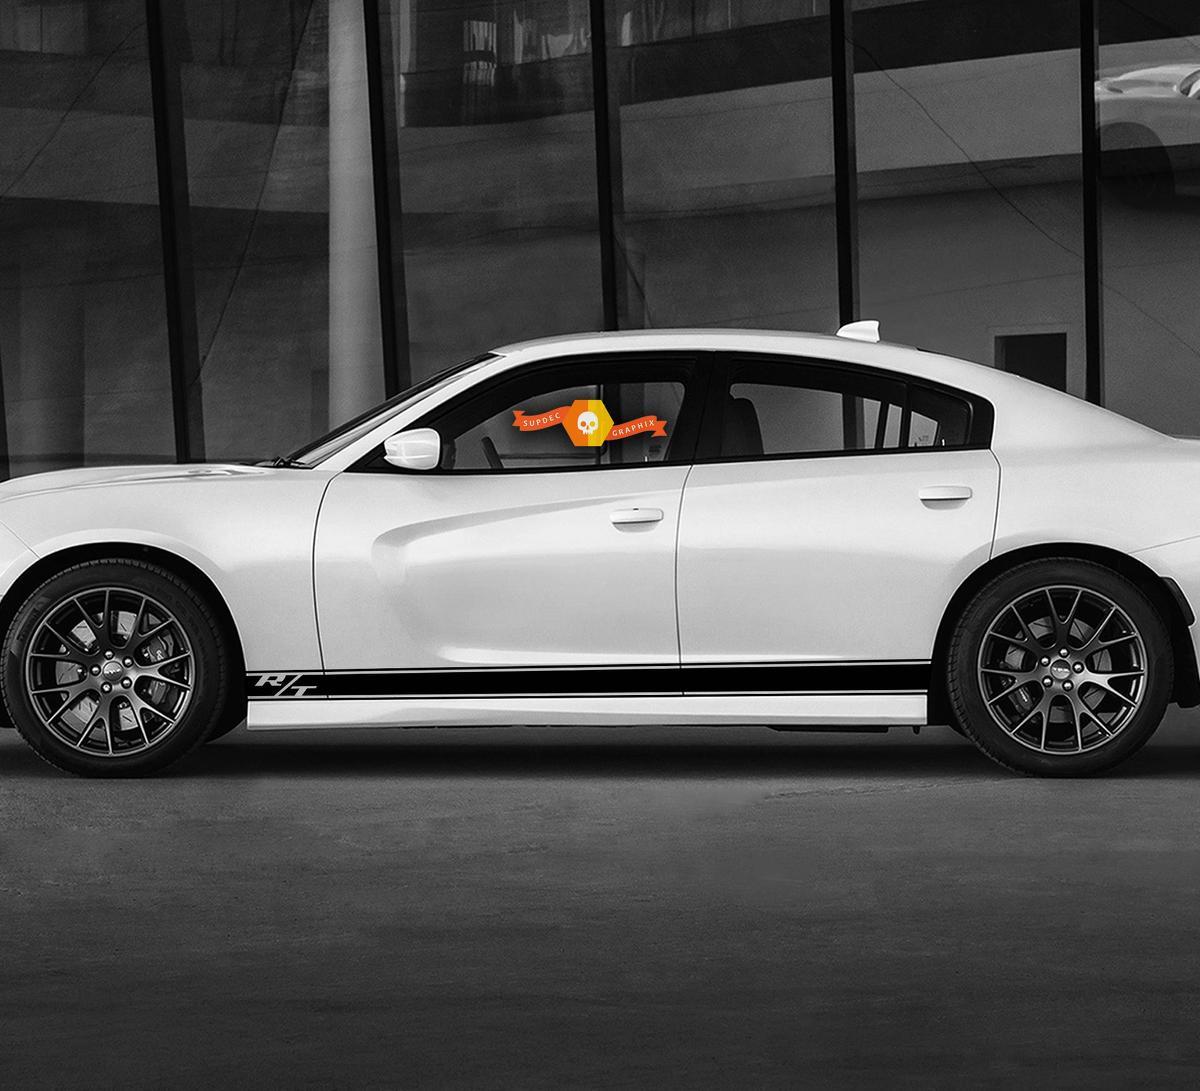 Dodge GT RT Streifen Rocker Panel Seitenband Aufkleber Aufkleber für Hemi Daytona Mopar Grafiken